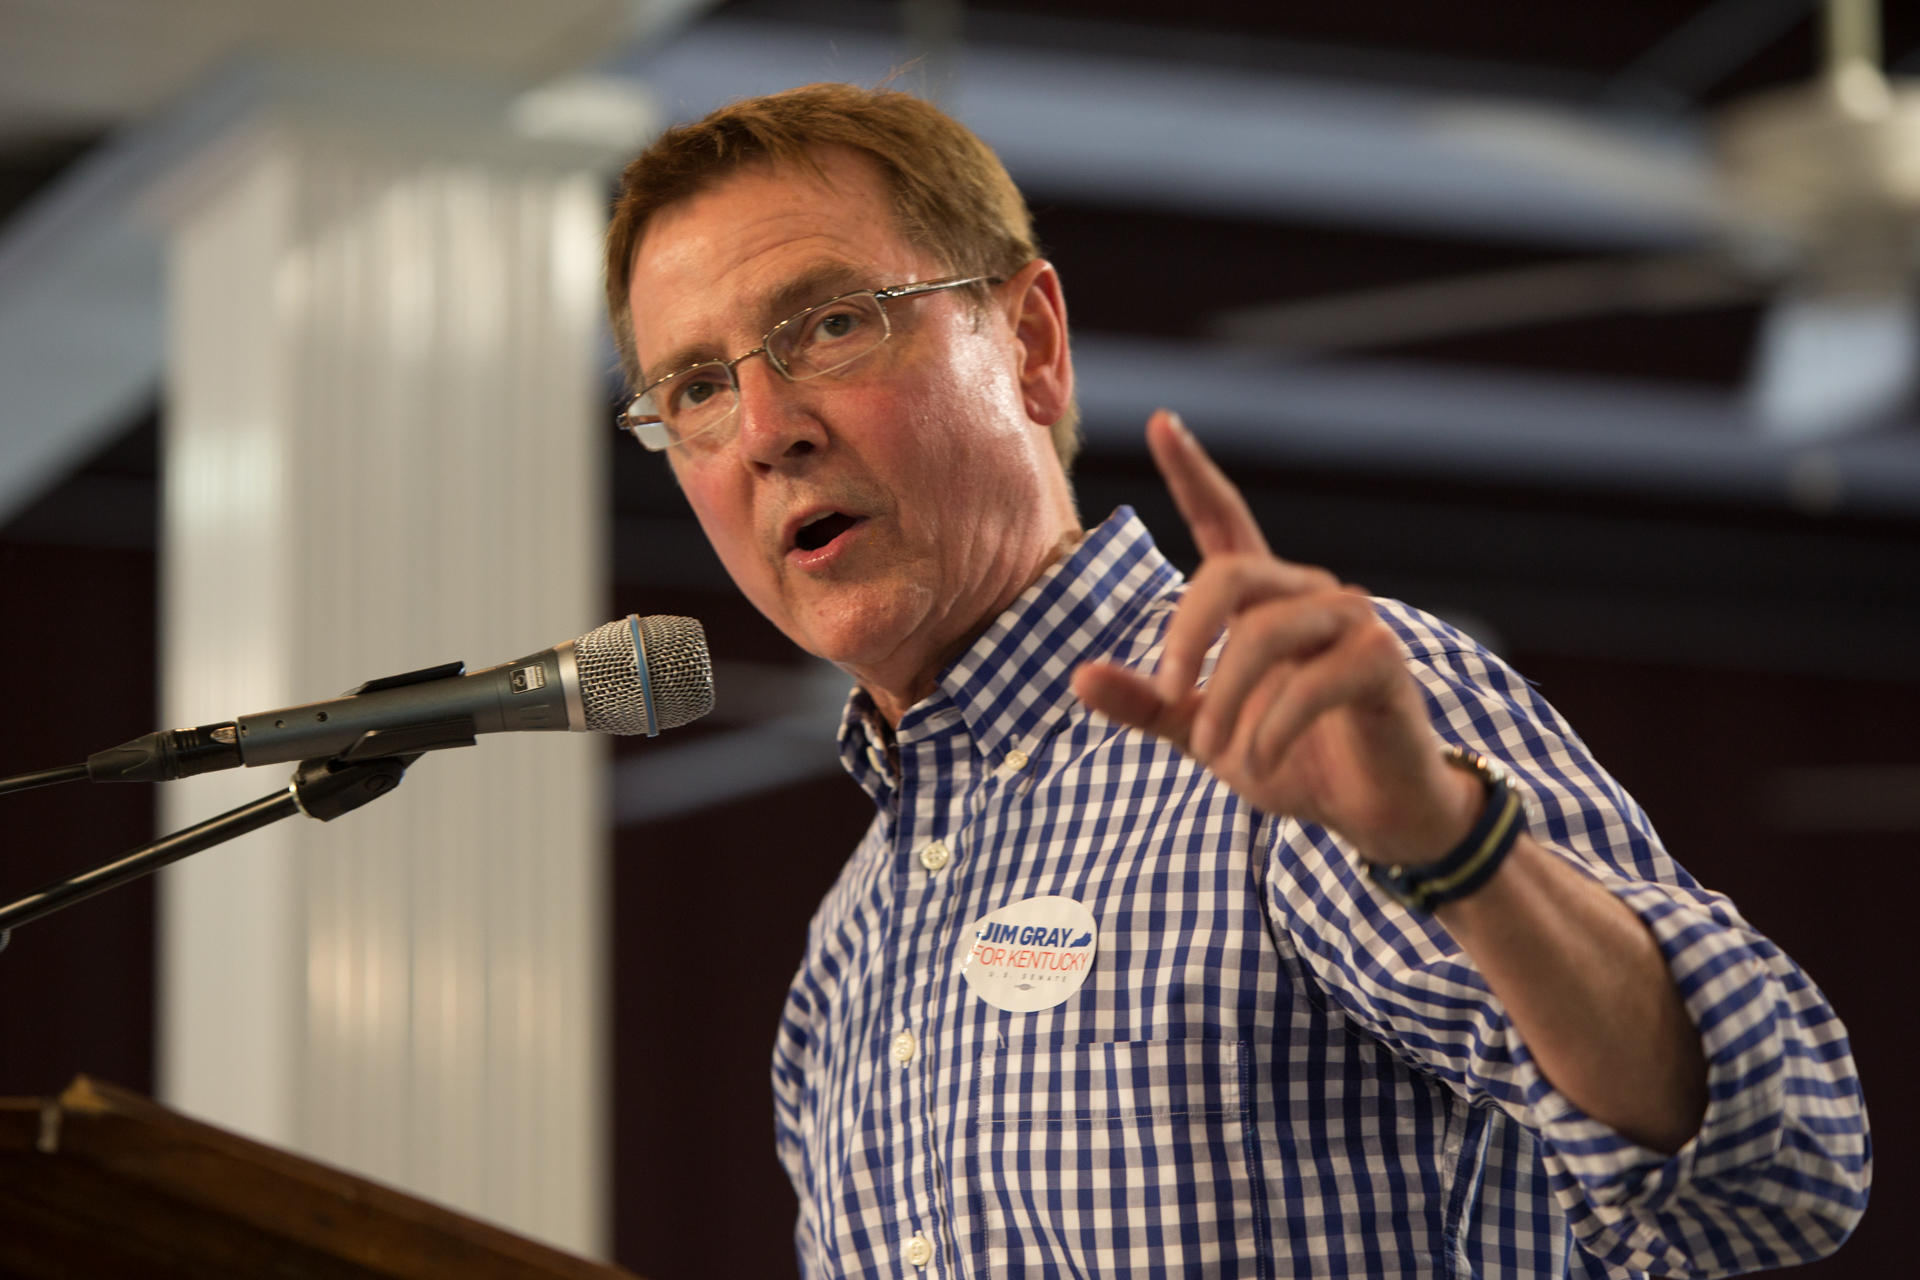 Mayor Gray Announces Run for Congress